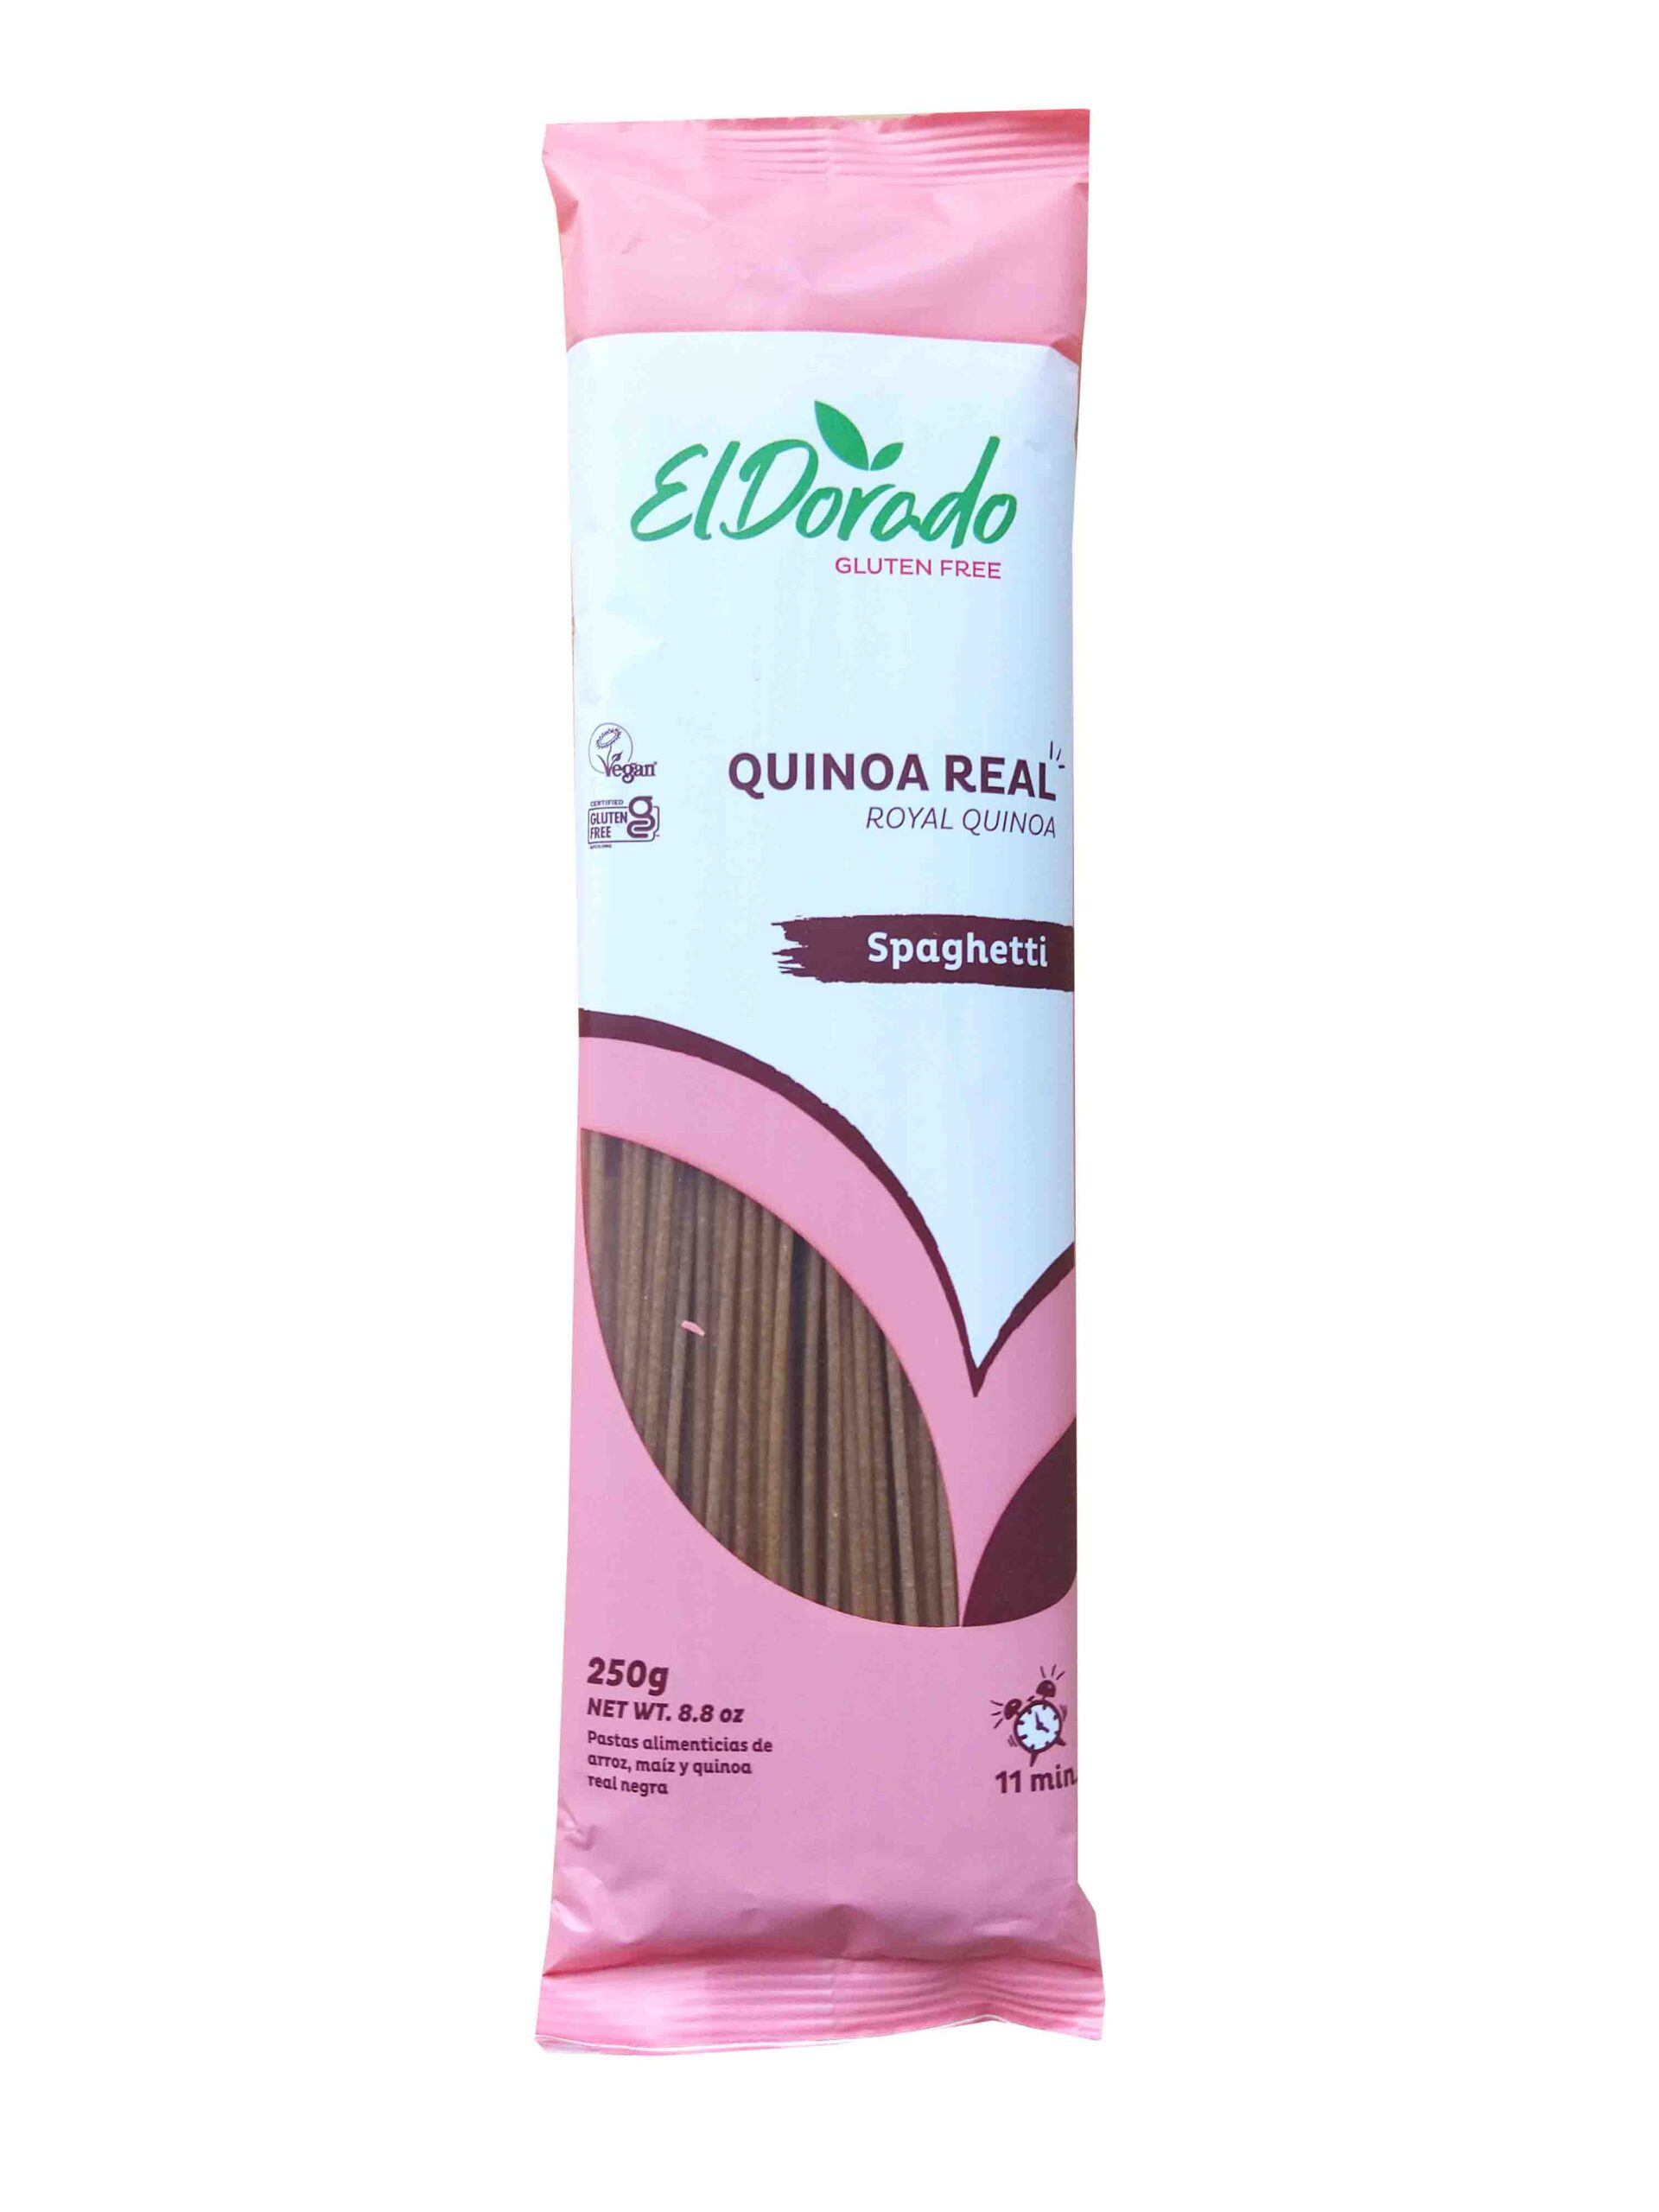 Pasta de Quinua spaguetti 250g El Dorado